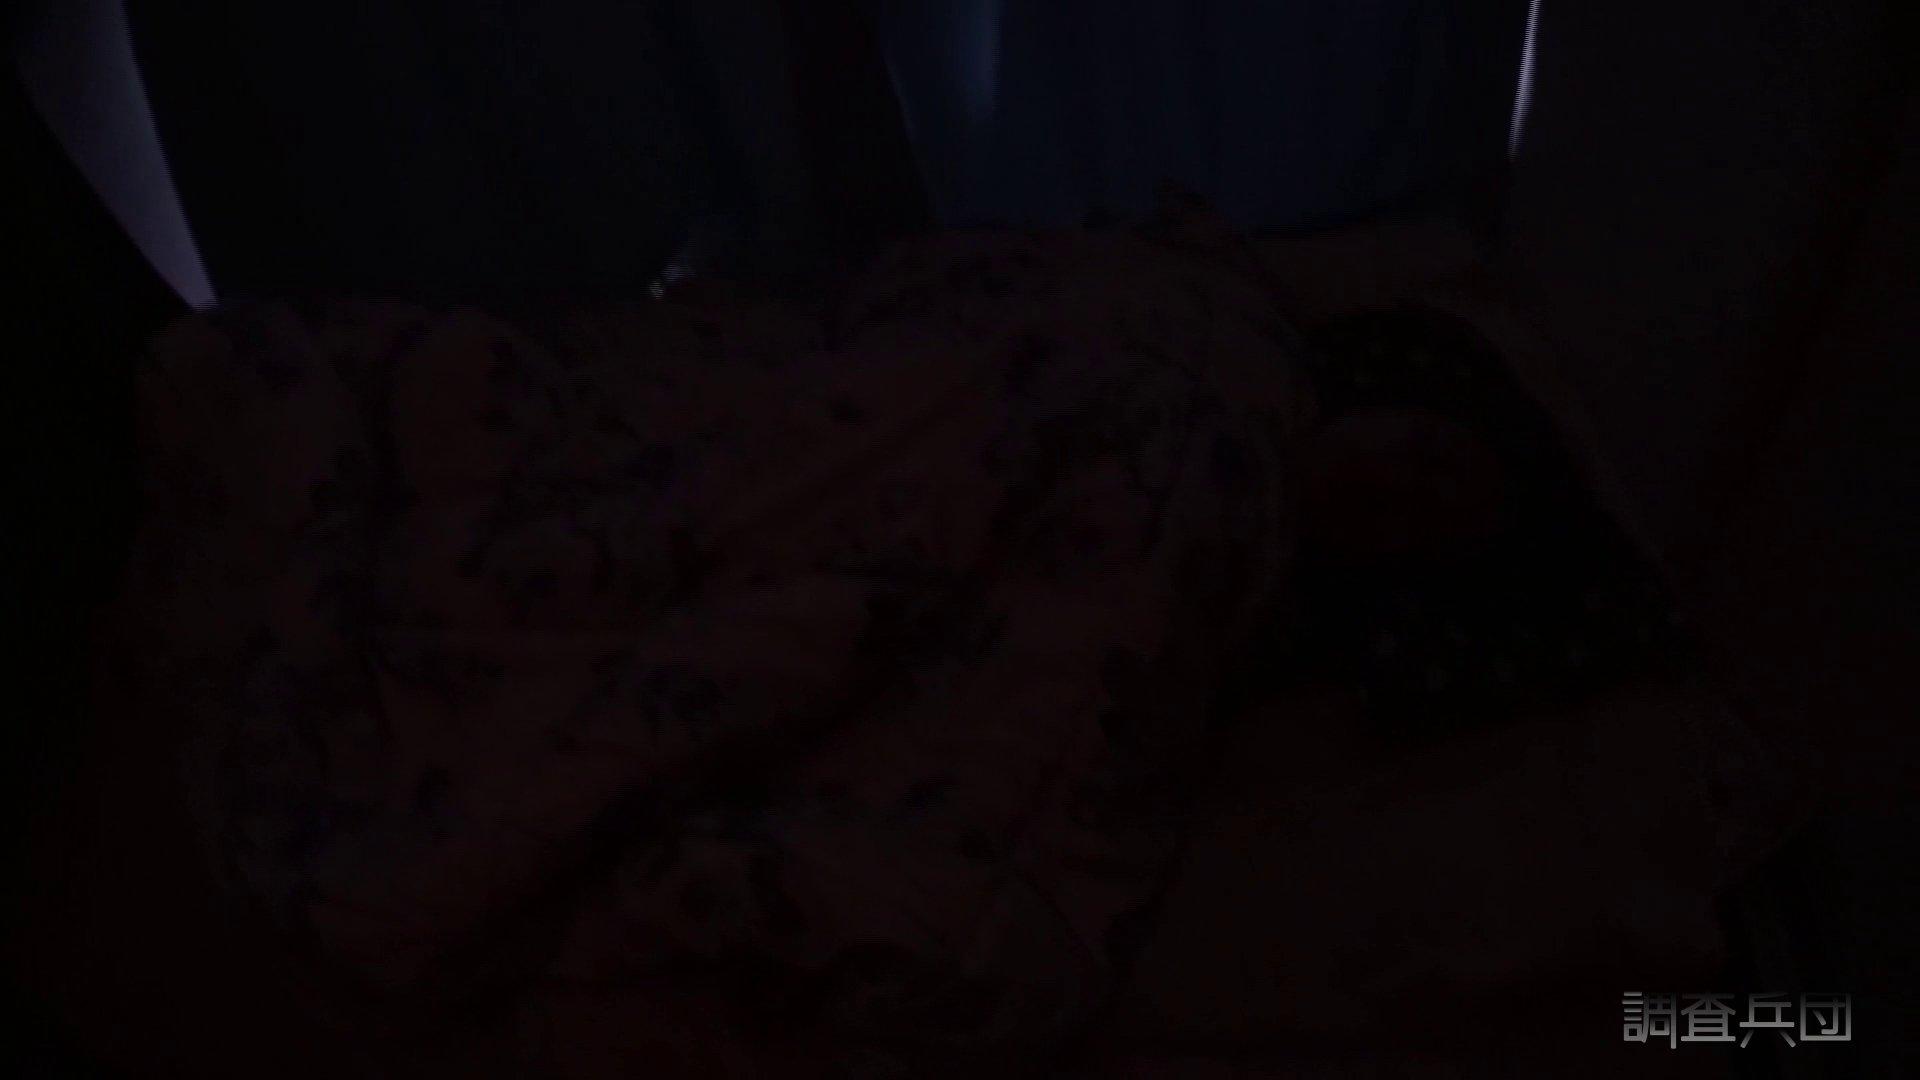 RE:~反撃の悪戯~vol.18 ジャ●ヲタ爆乳JD・ゆりっぺ生中出し【後編】 エッチなOL  99枚 28